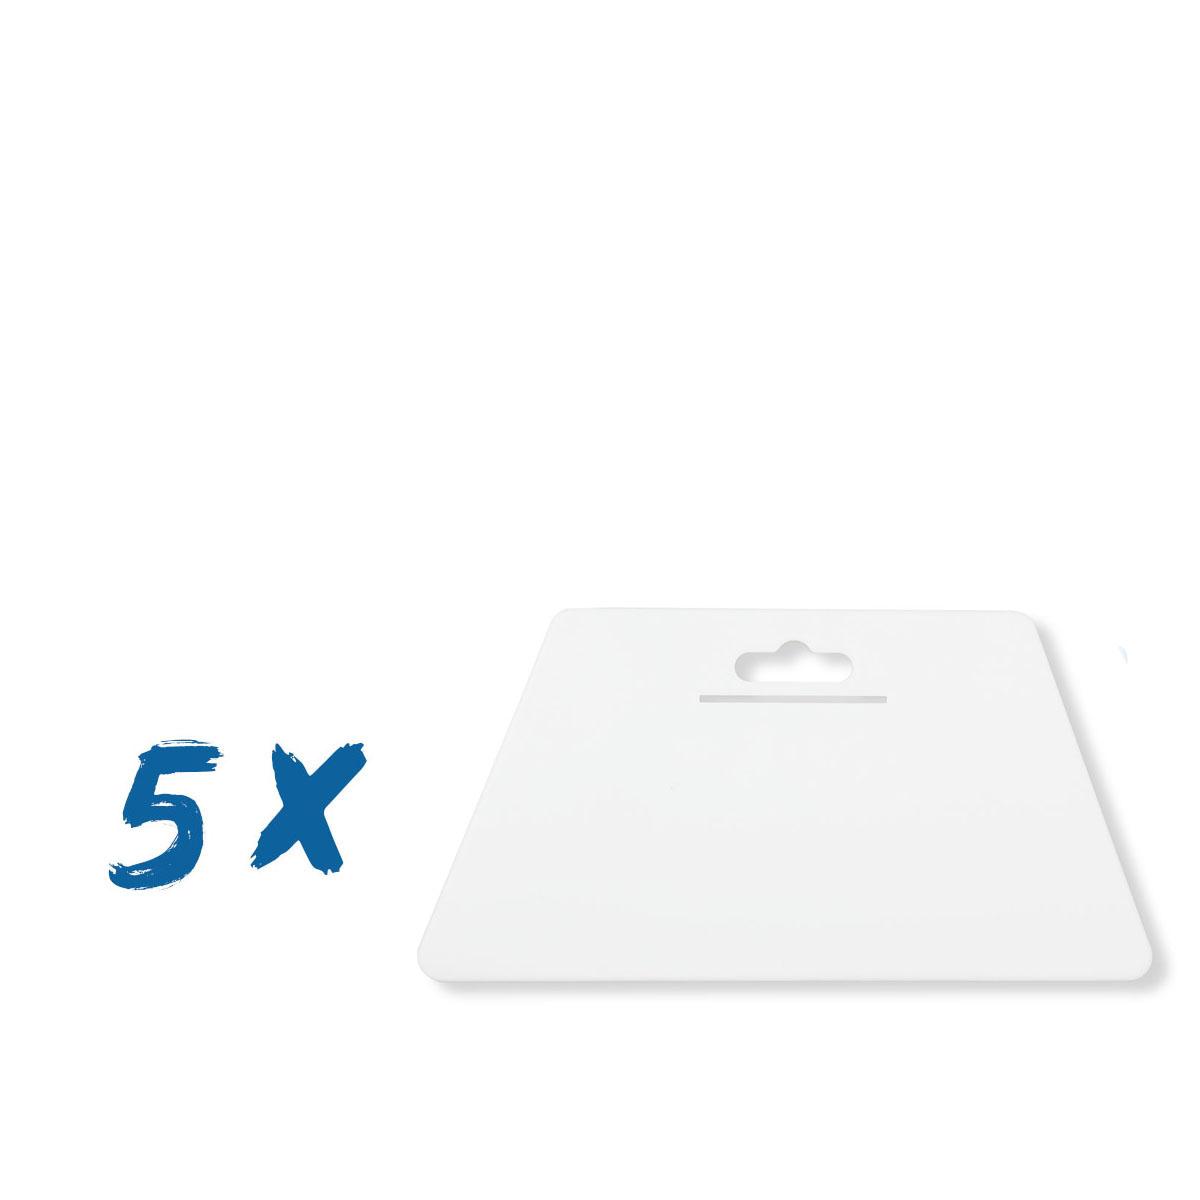 5 x Tapezierspachtel Weiß 230x120 mm, Tapeten-Andrückspachtel